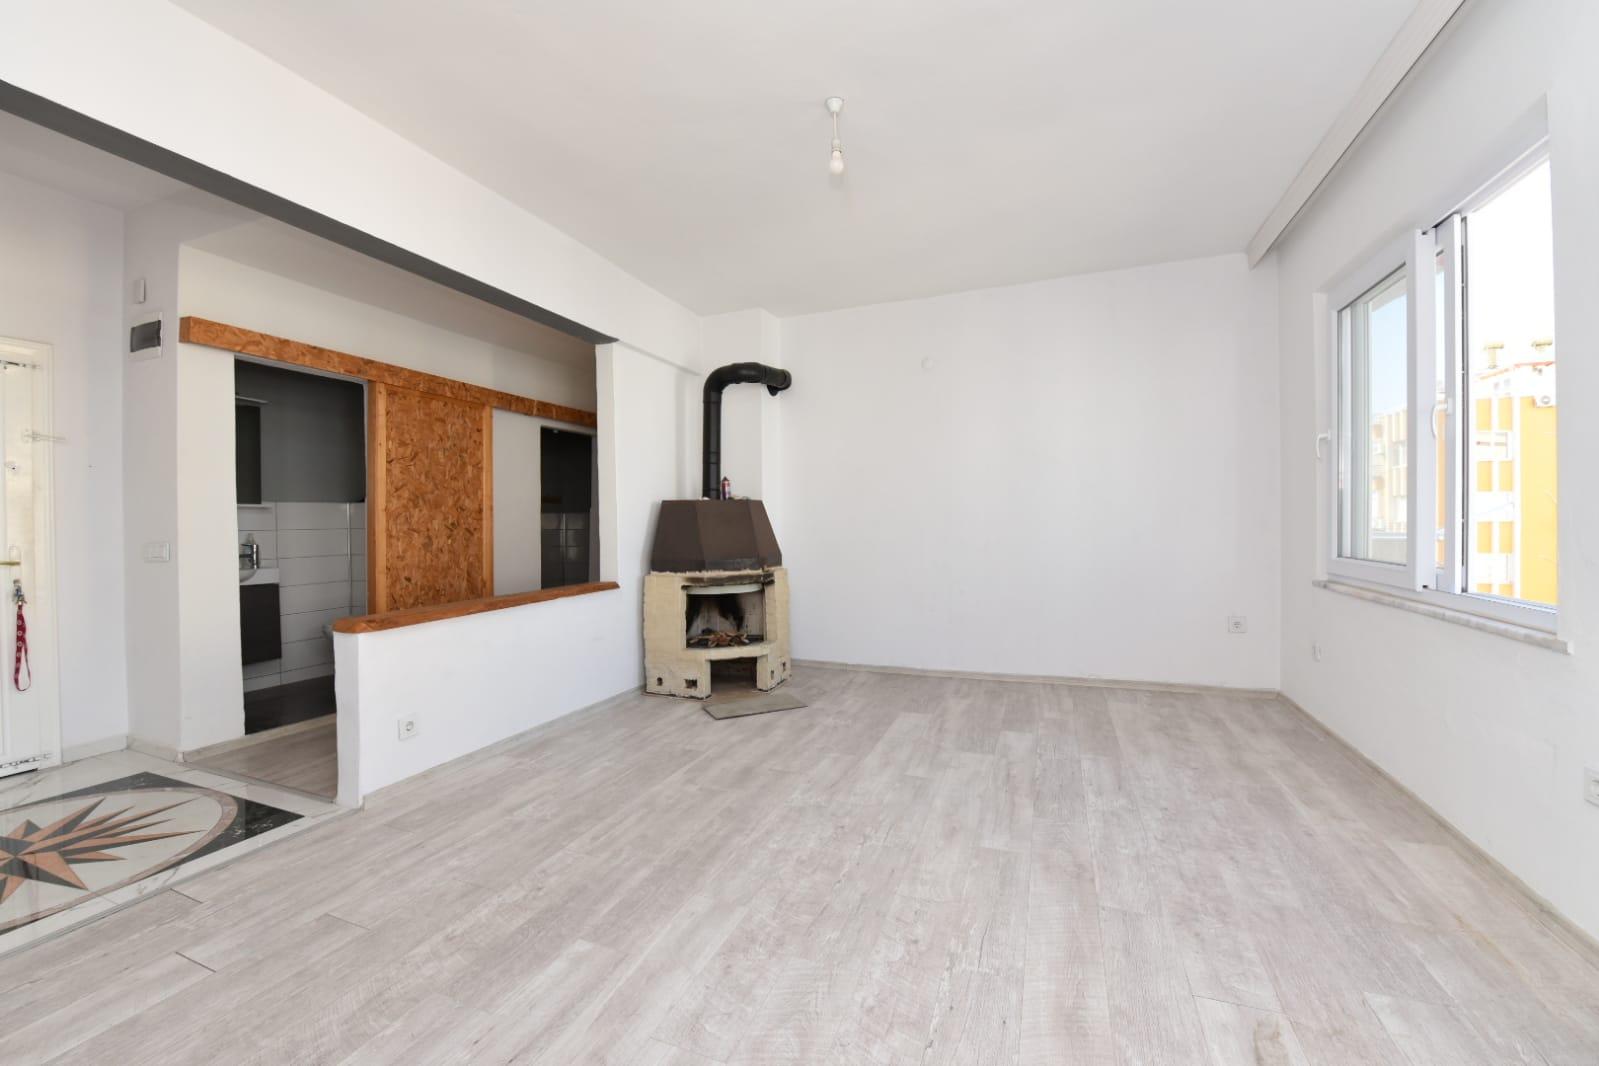 Трёхкомнатная квартира у пляжа Клеопатры по очень приятной цене - Фото 10